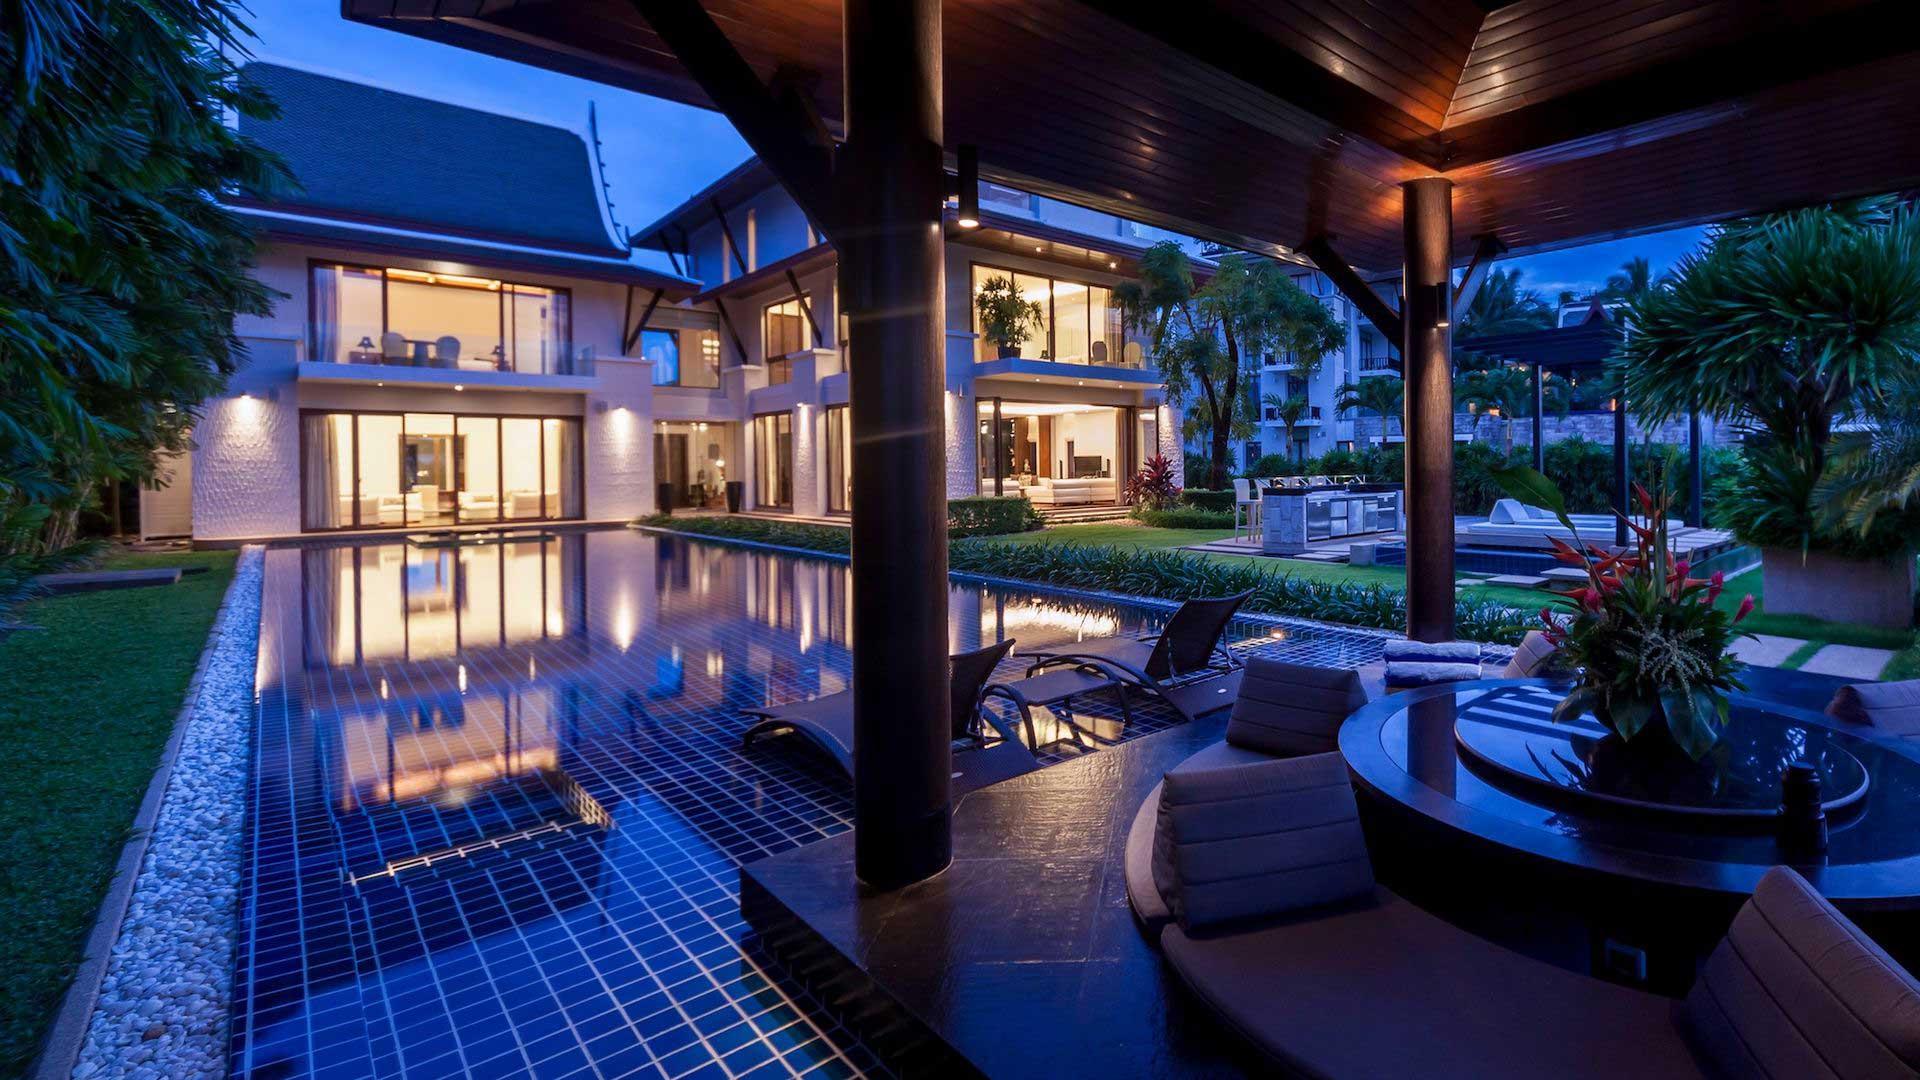 villa lyana villa mieten in phuket royal phuket marina. Black Bedroom Furniture Sets. Home Design Ideas